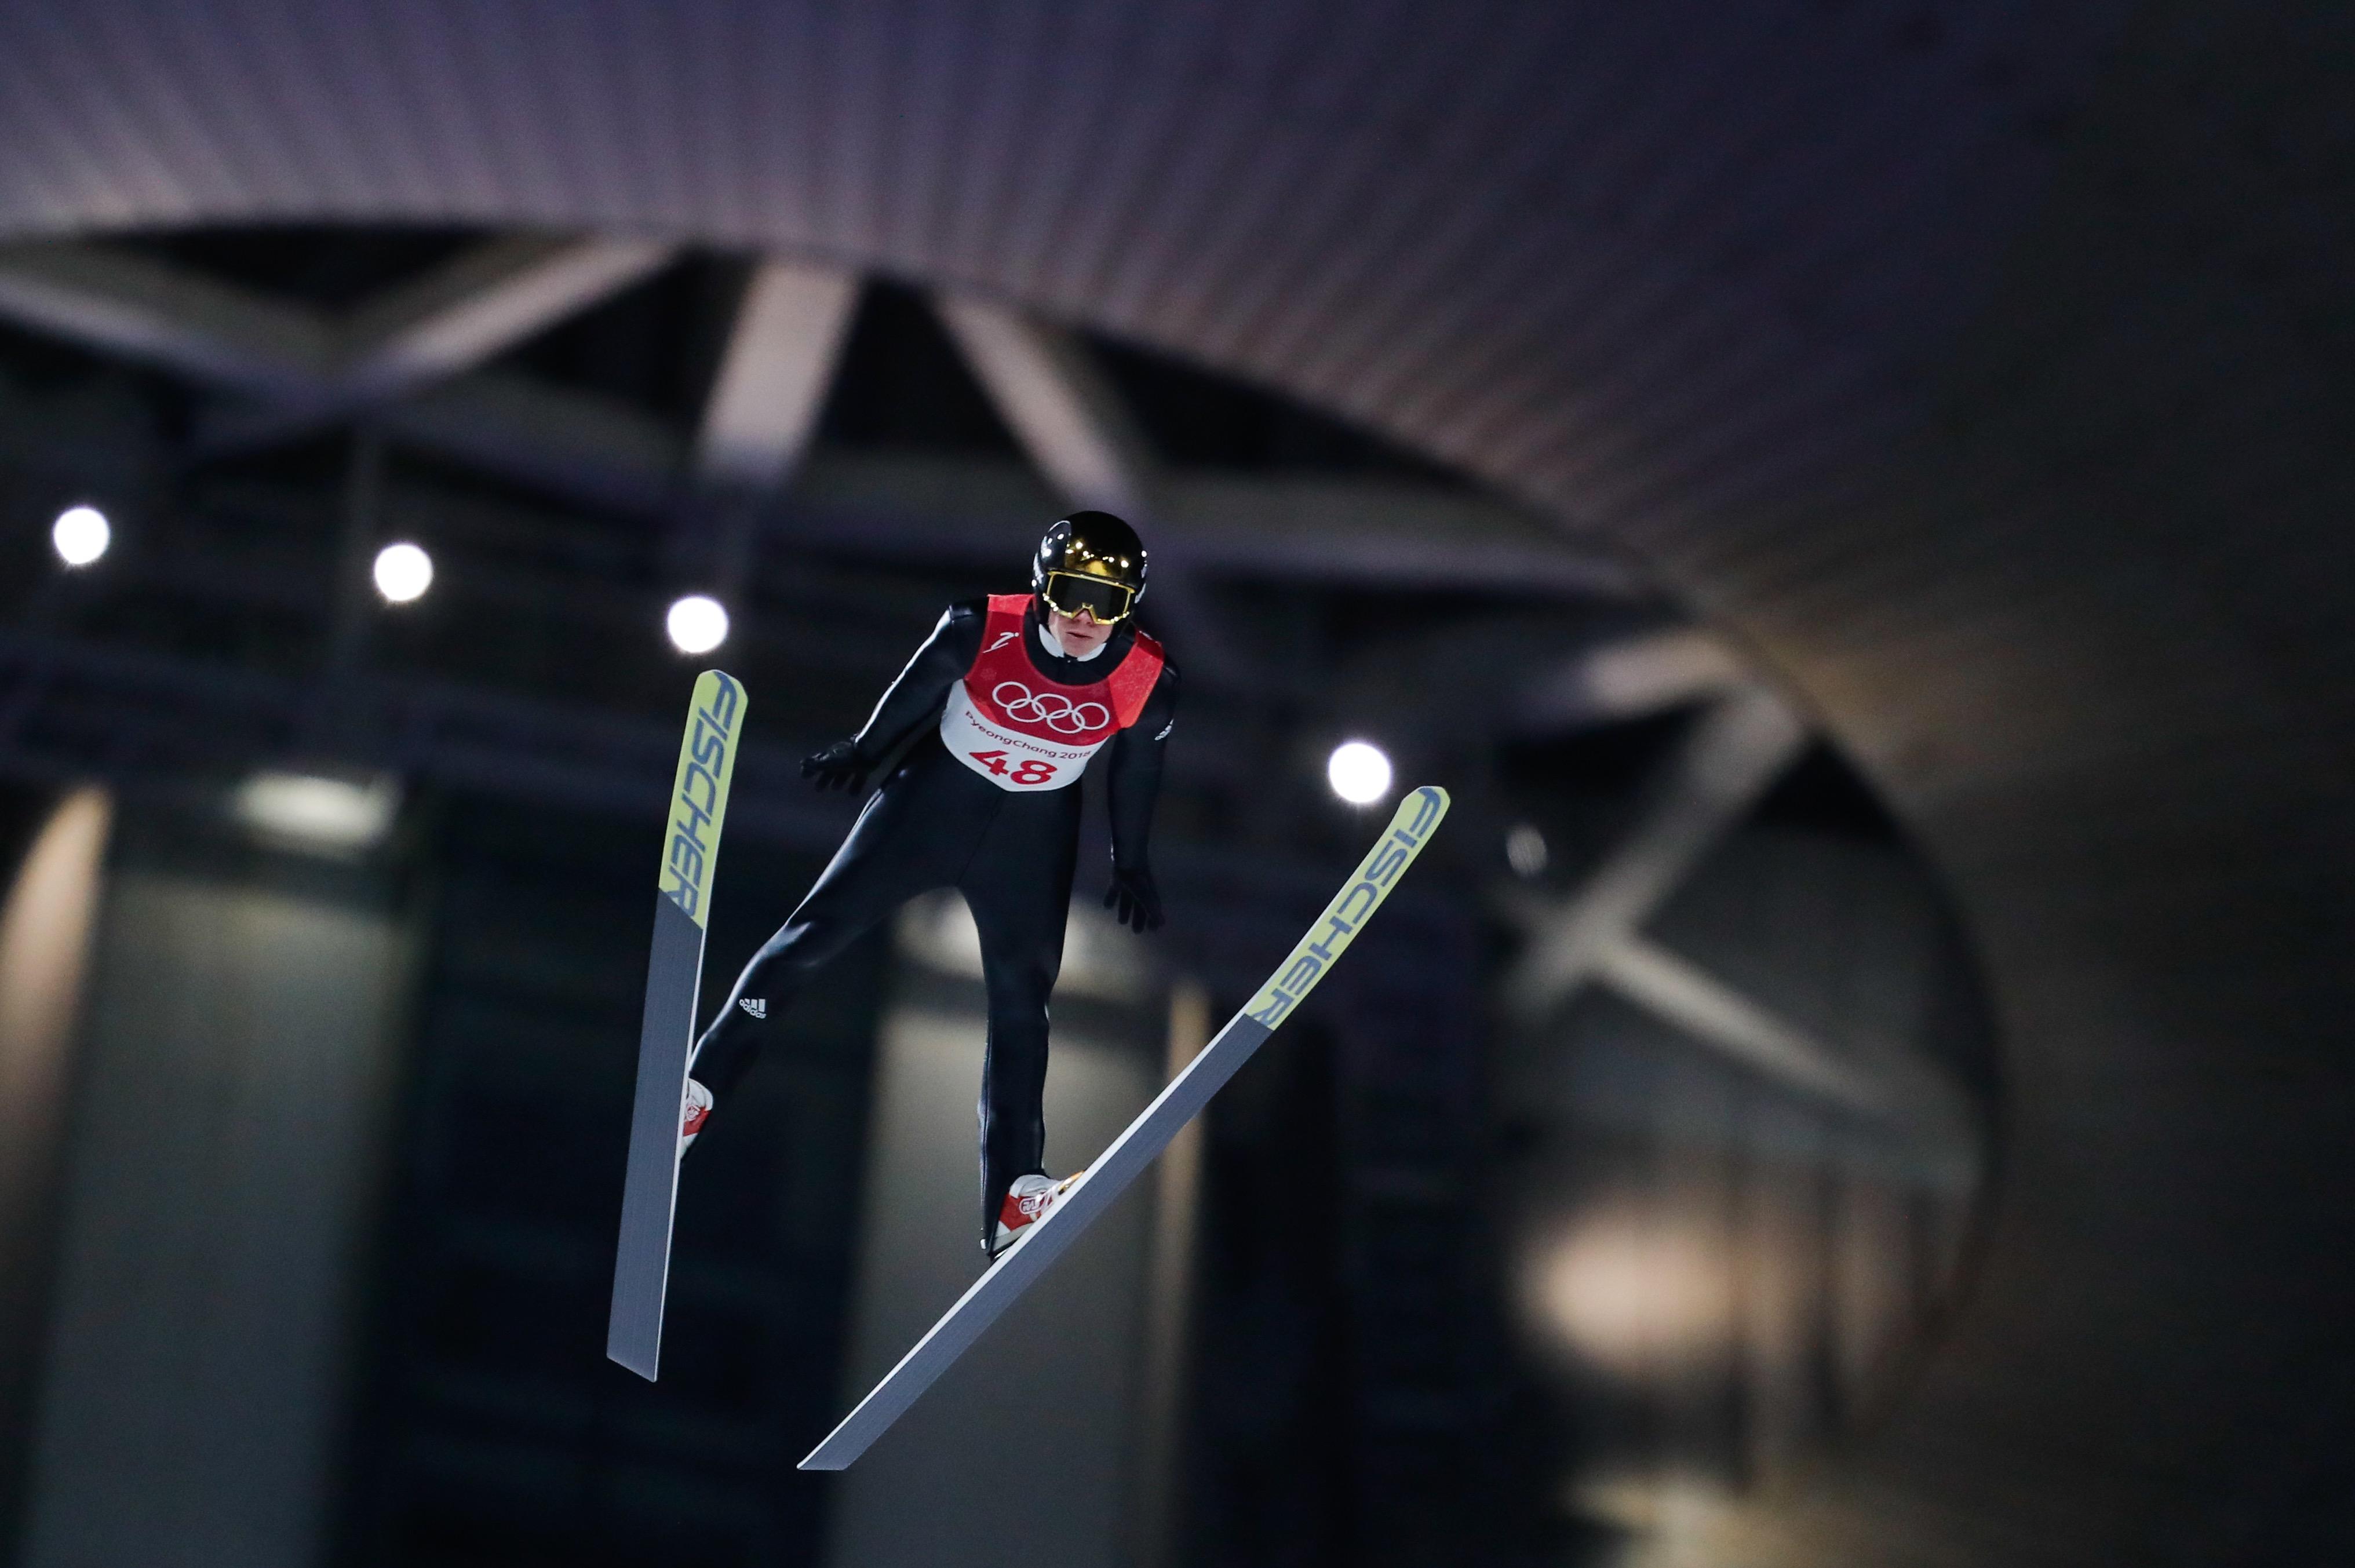 Andreas Wellinger, champion olympique sur le petit tremplin.